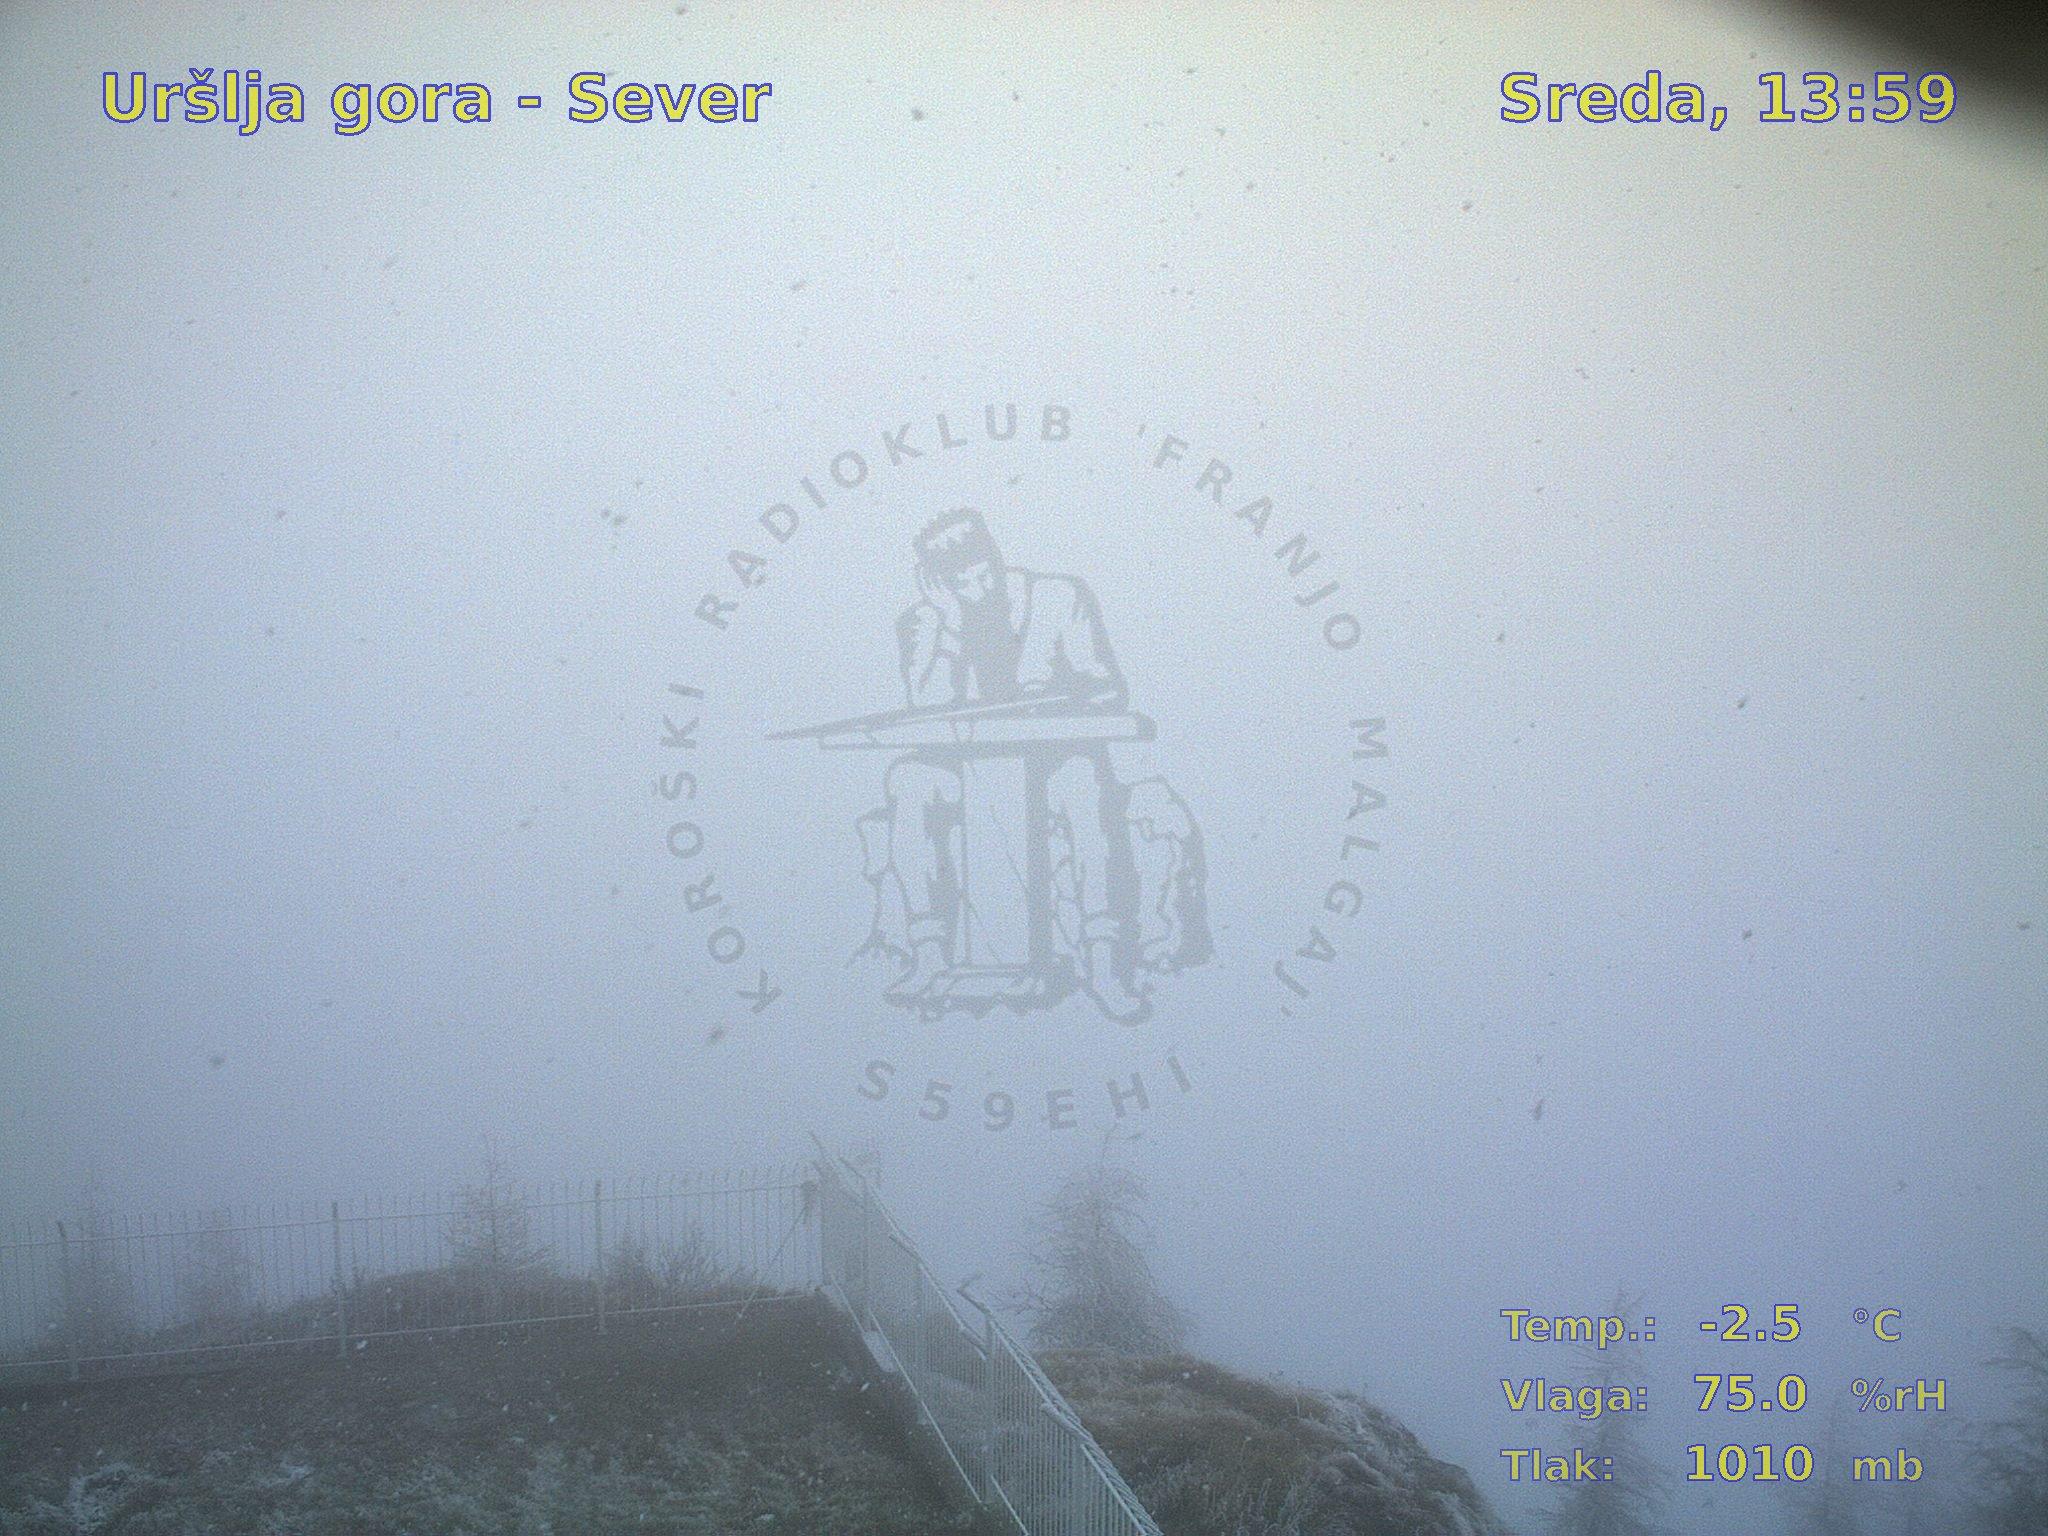 Uršlja gora-Sever, 13:00